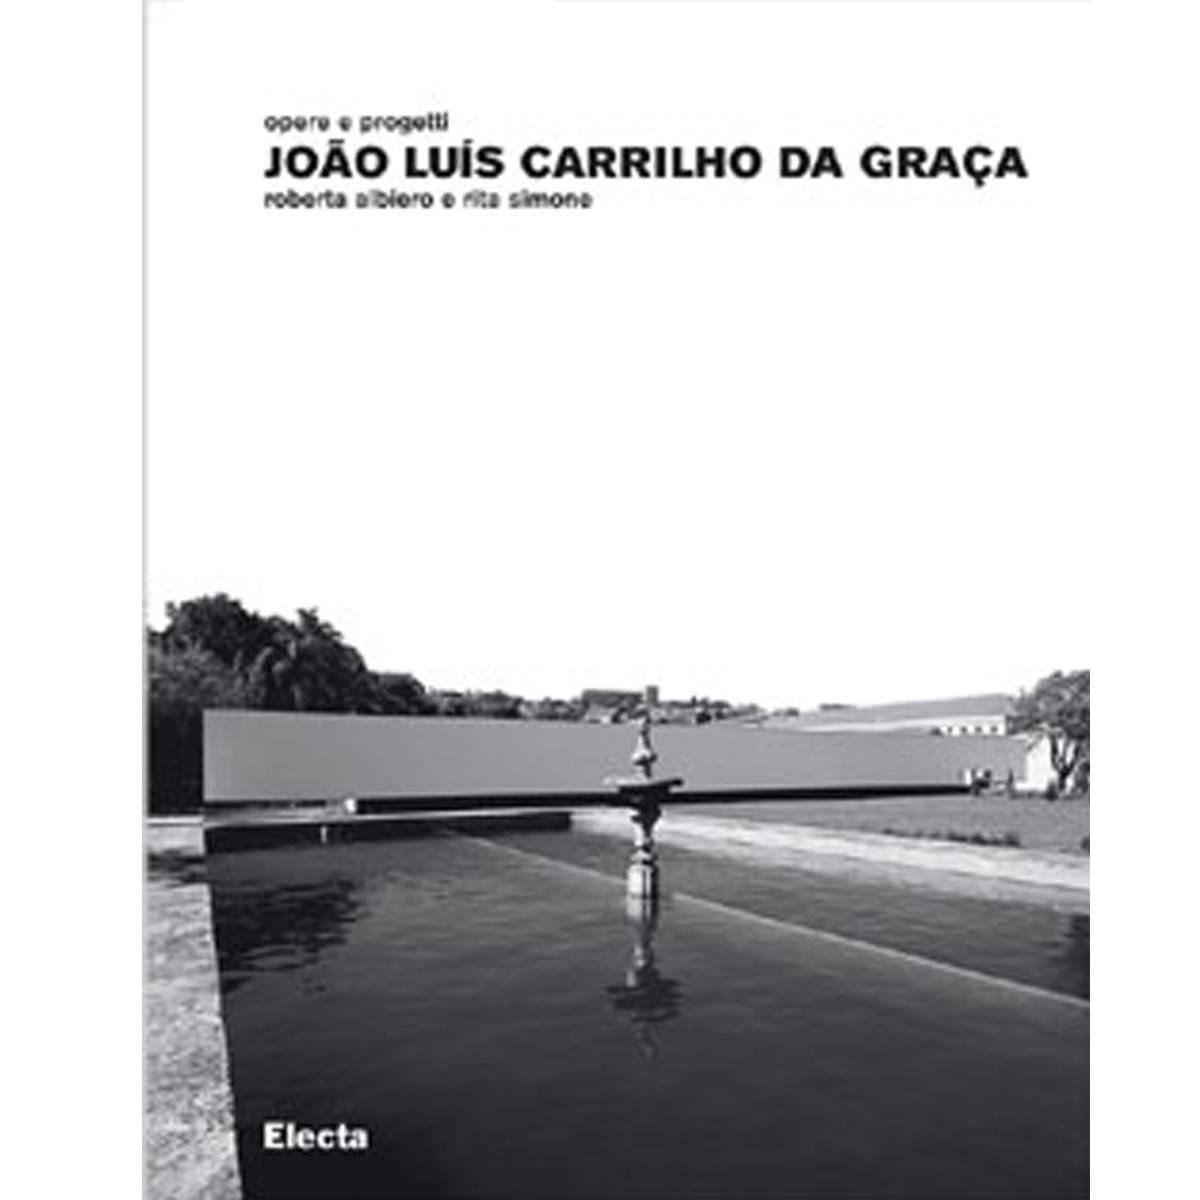 João Luís Carrilho da Graça